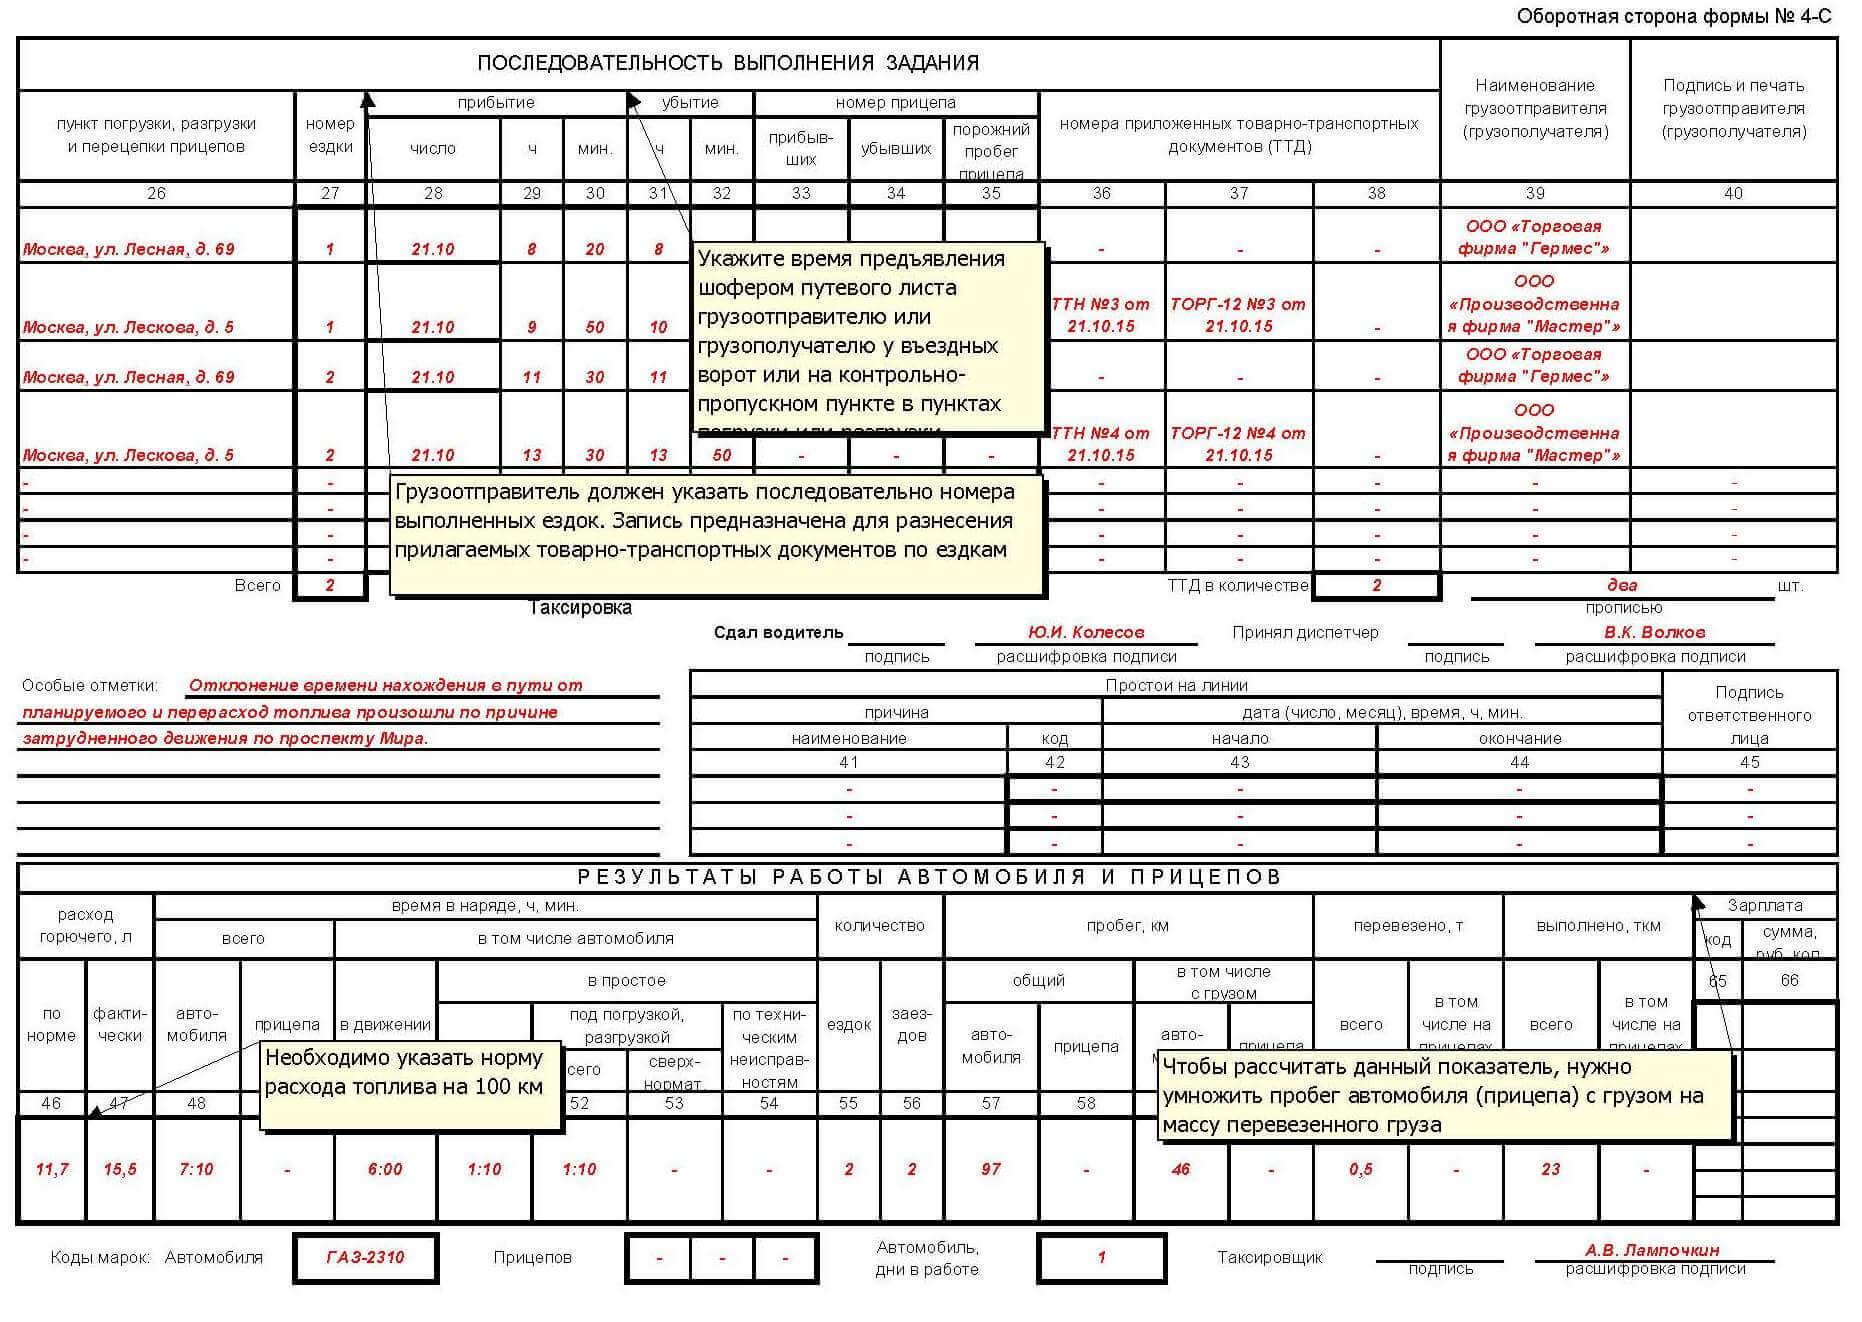 Путевой лист грузового автомобиля. Форма 4-С | Респект: Учет путевых листов и ГСМ